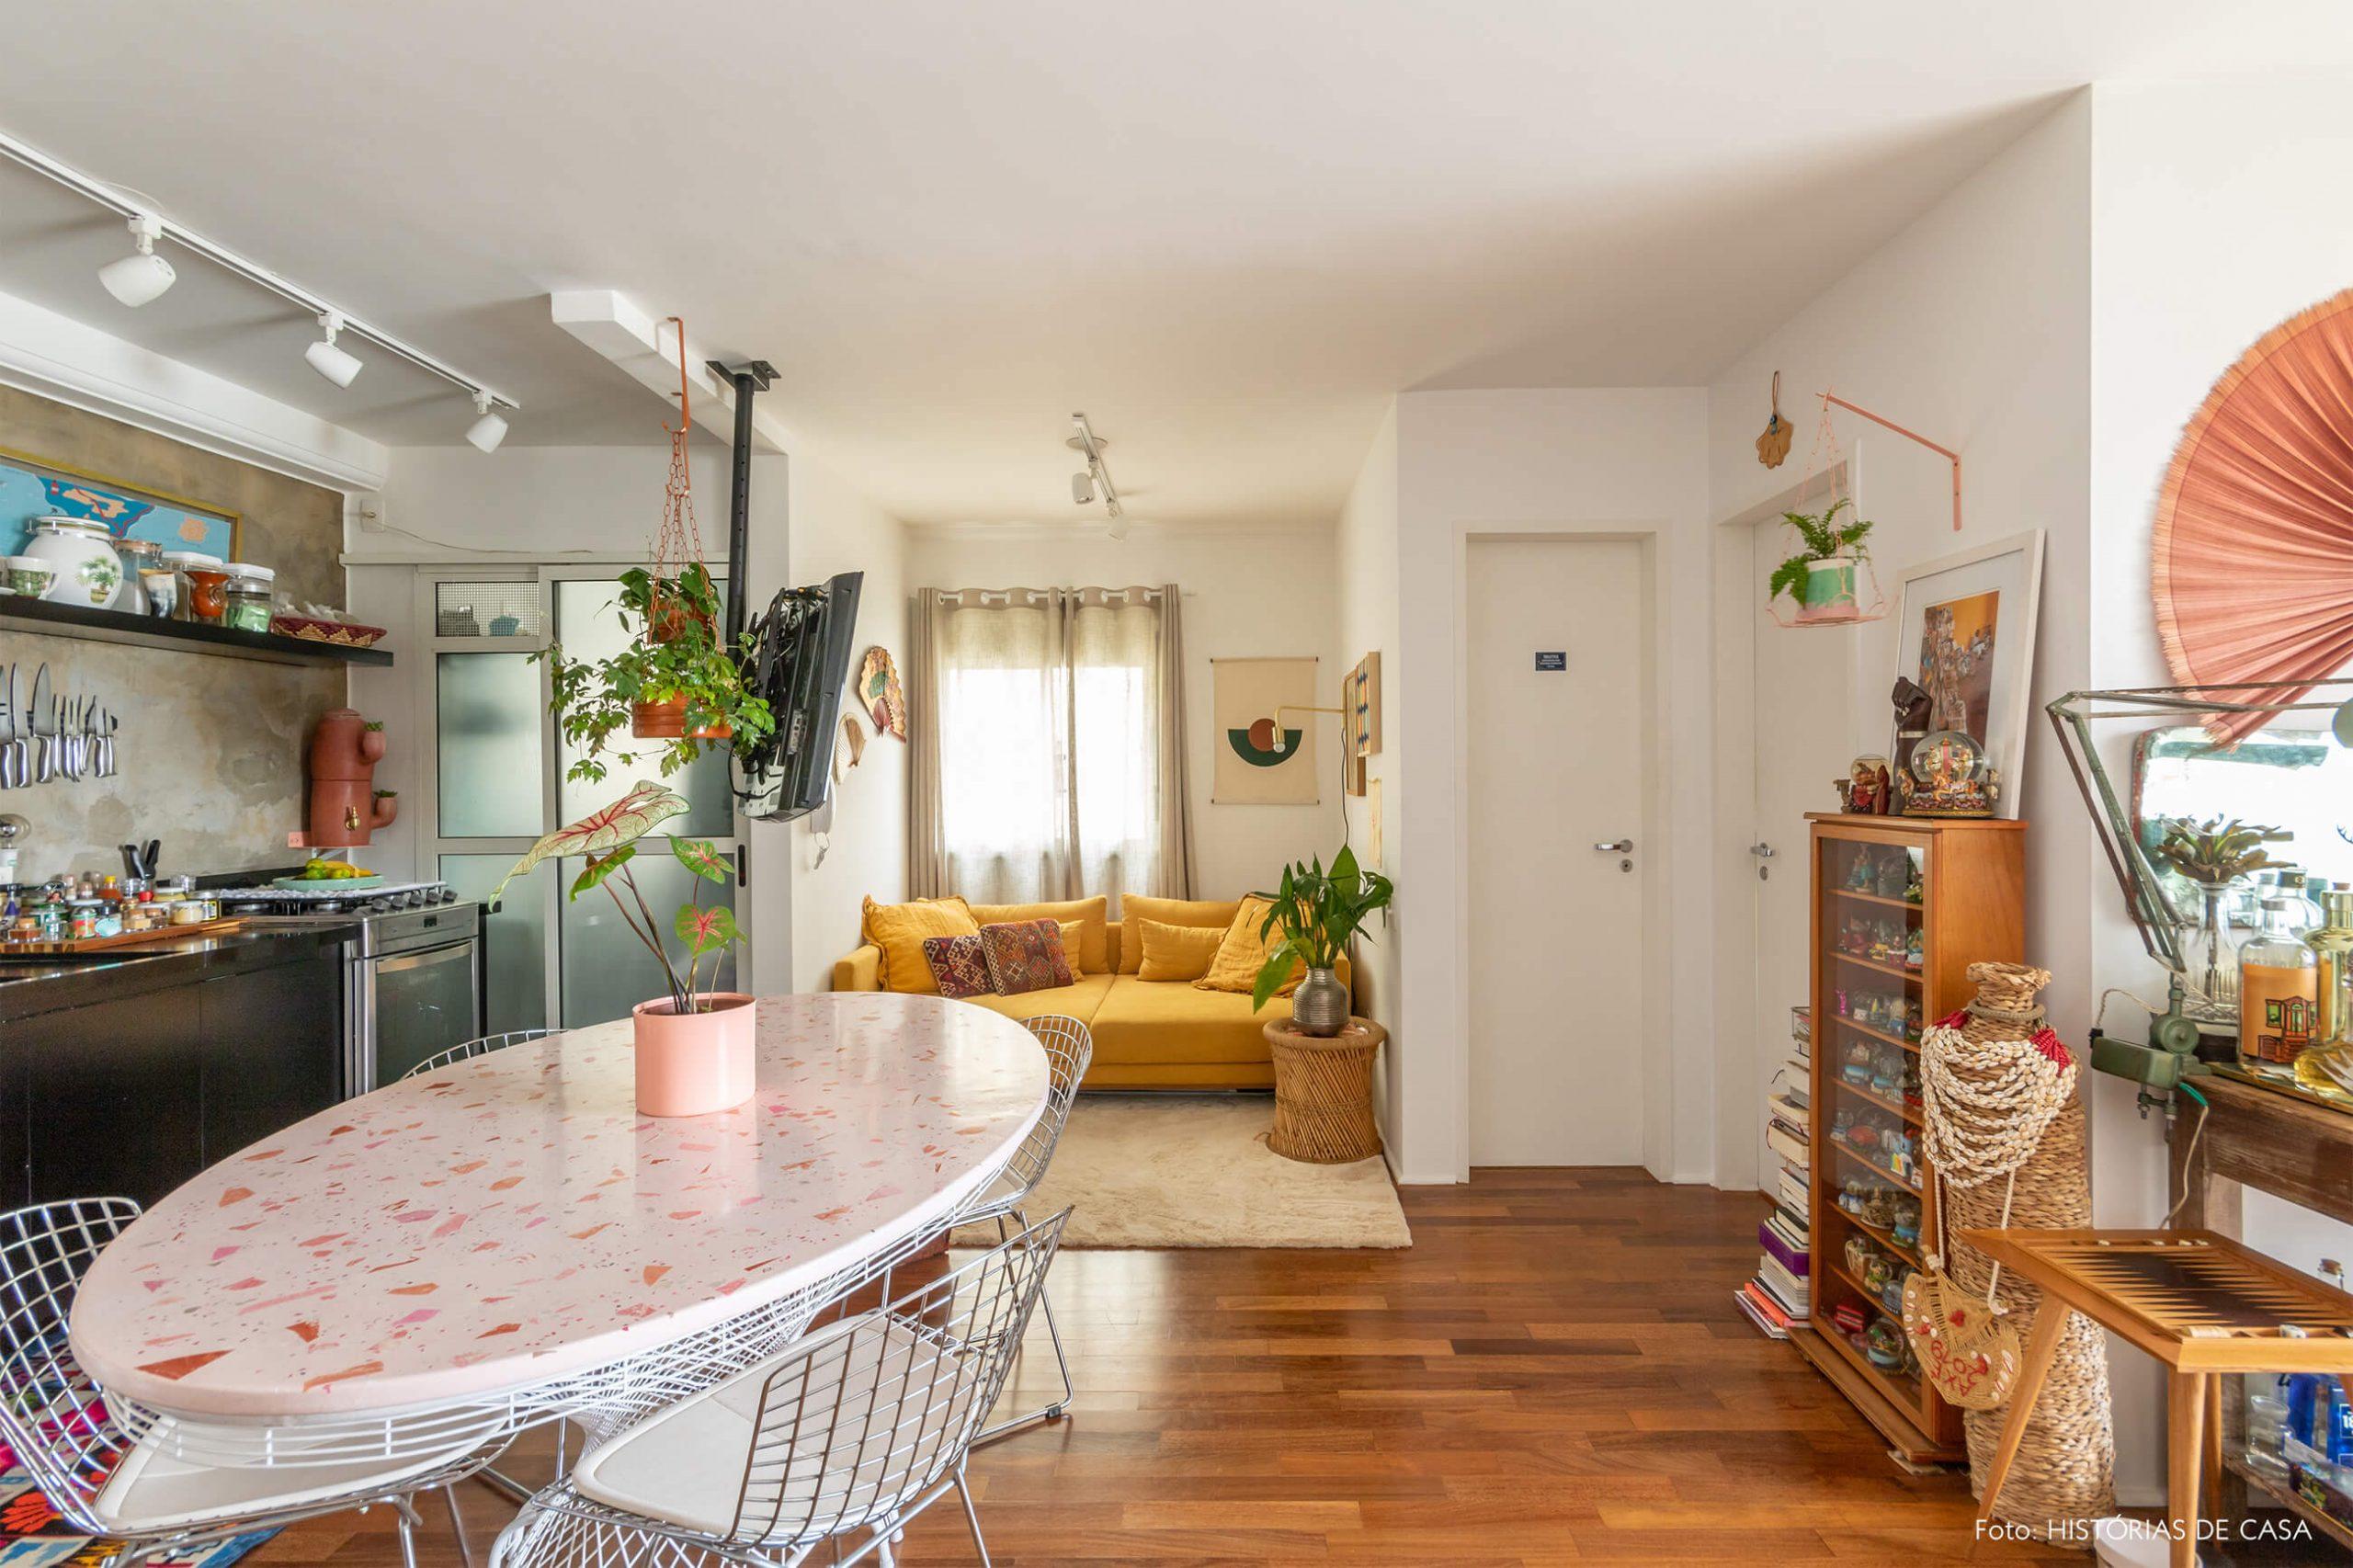 sala-cozinha-com-mesa-redonda-rosa